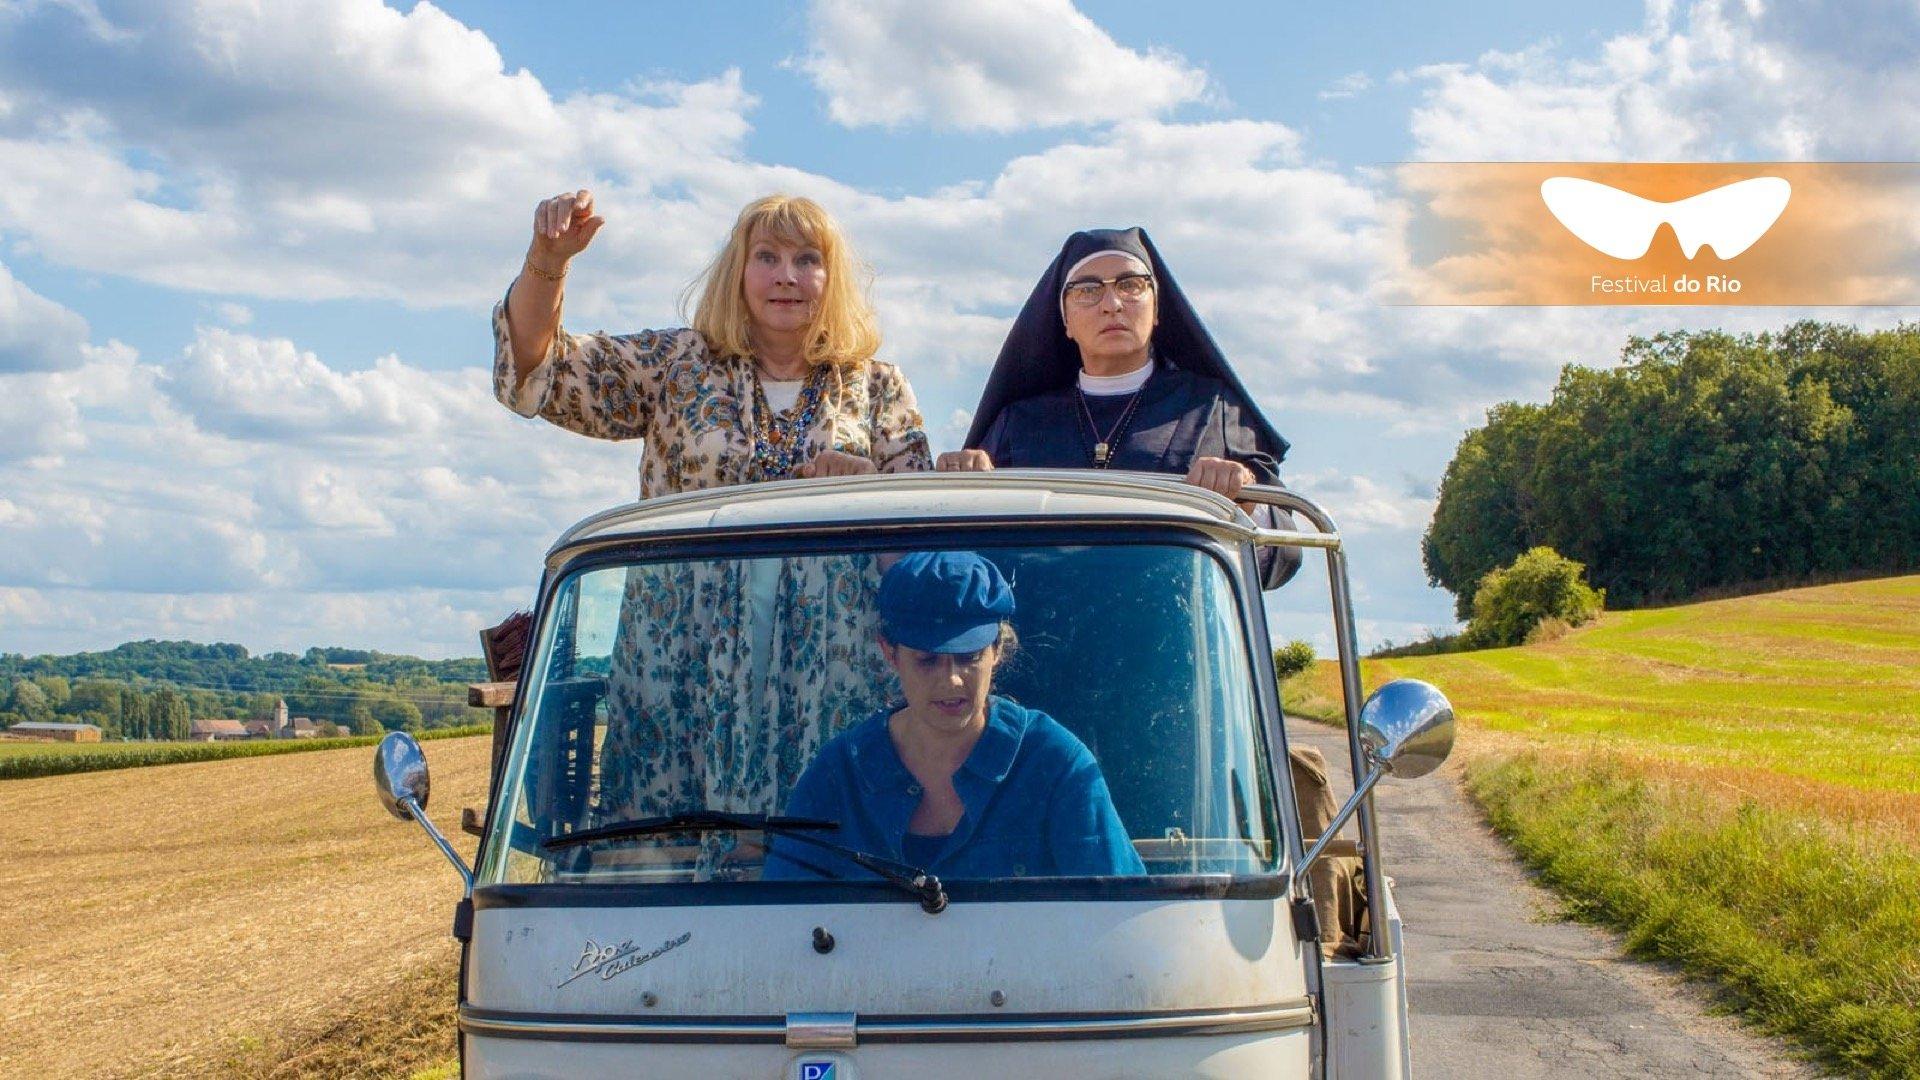 Cena do filme A Boa Esposa. Duas mulheres estão de pé na parte de trás de uma caminhão pequeno. A da direita usa trajes de freira e está com uma expressão séria. A da esquerda usa um vestido florido e está com um sorriso e as mãos levantadas.